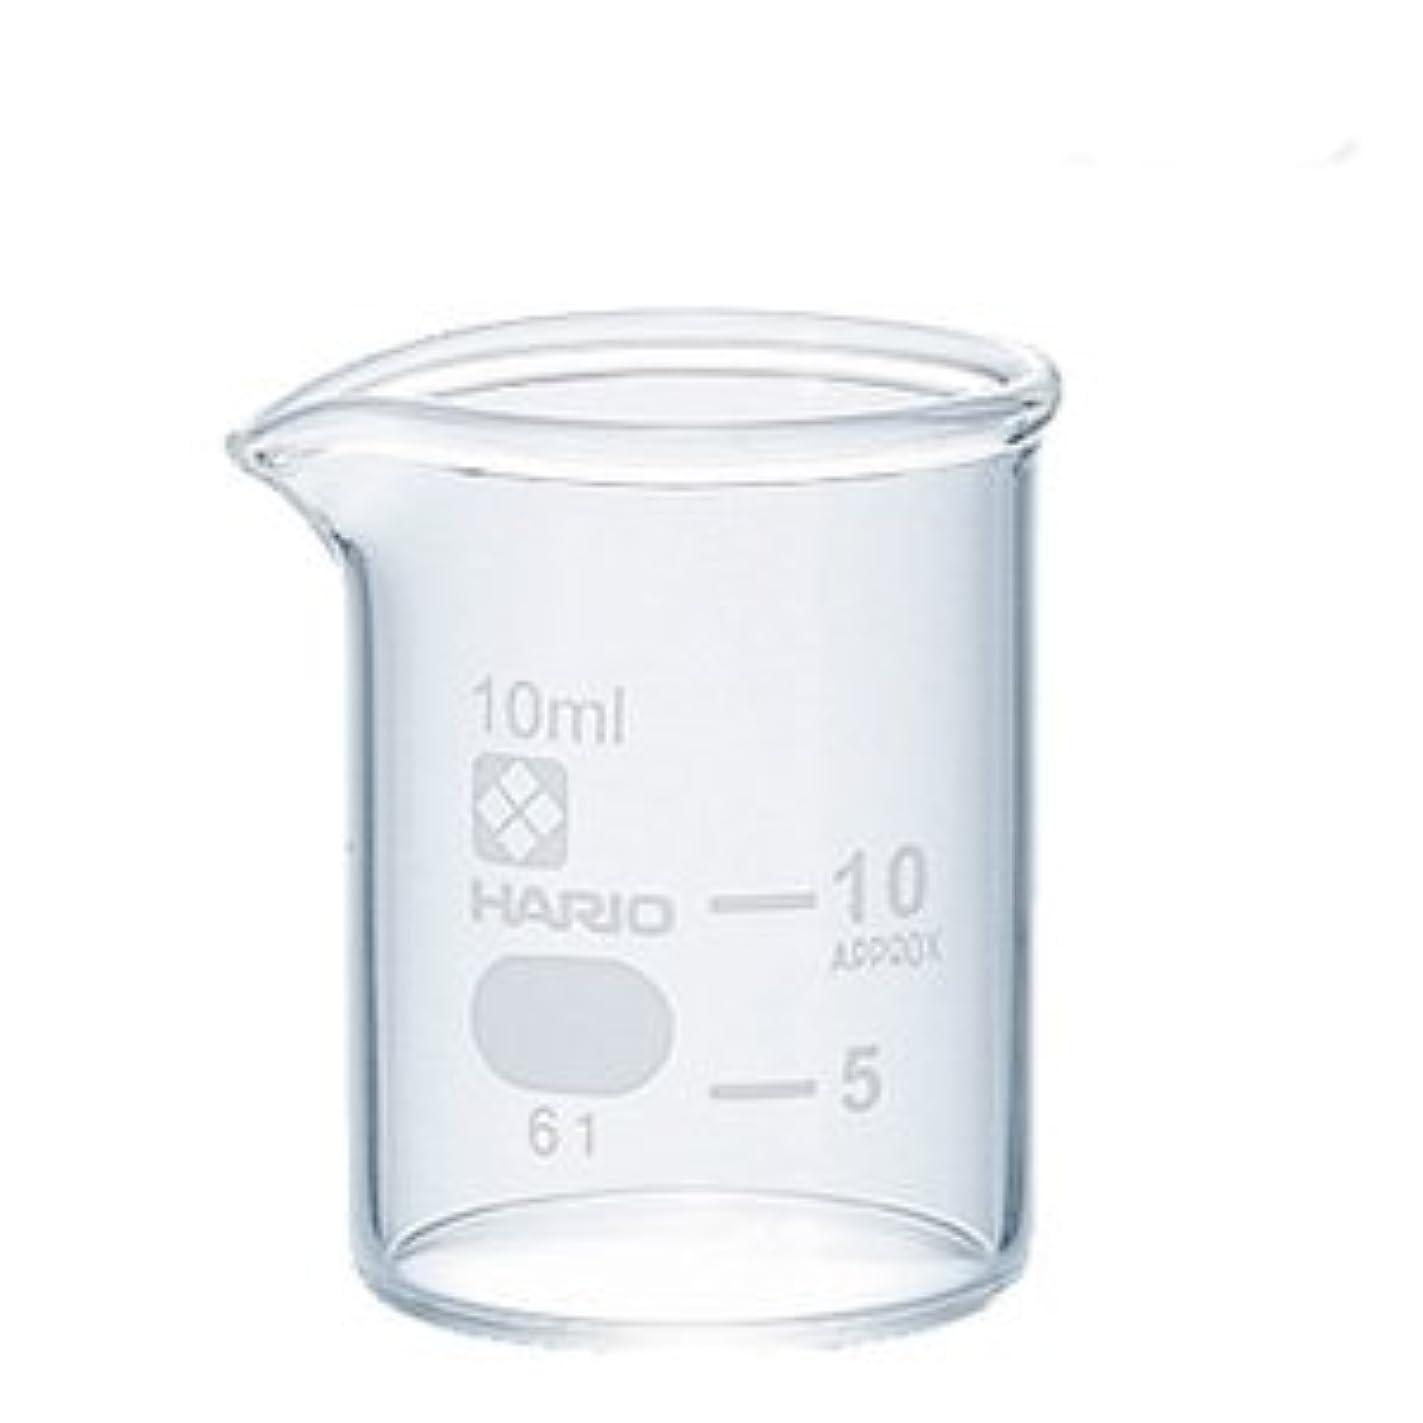 なので昆虫を見るやさしいガラスビーカー 10ml 【手作り石鹸/手作りコスメ/手作り化粧品】